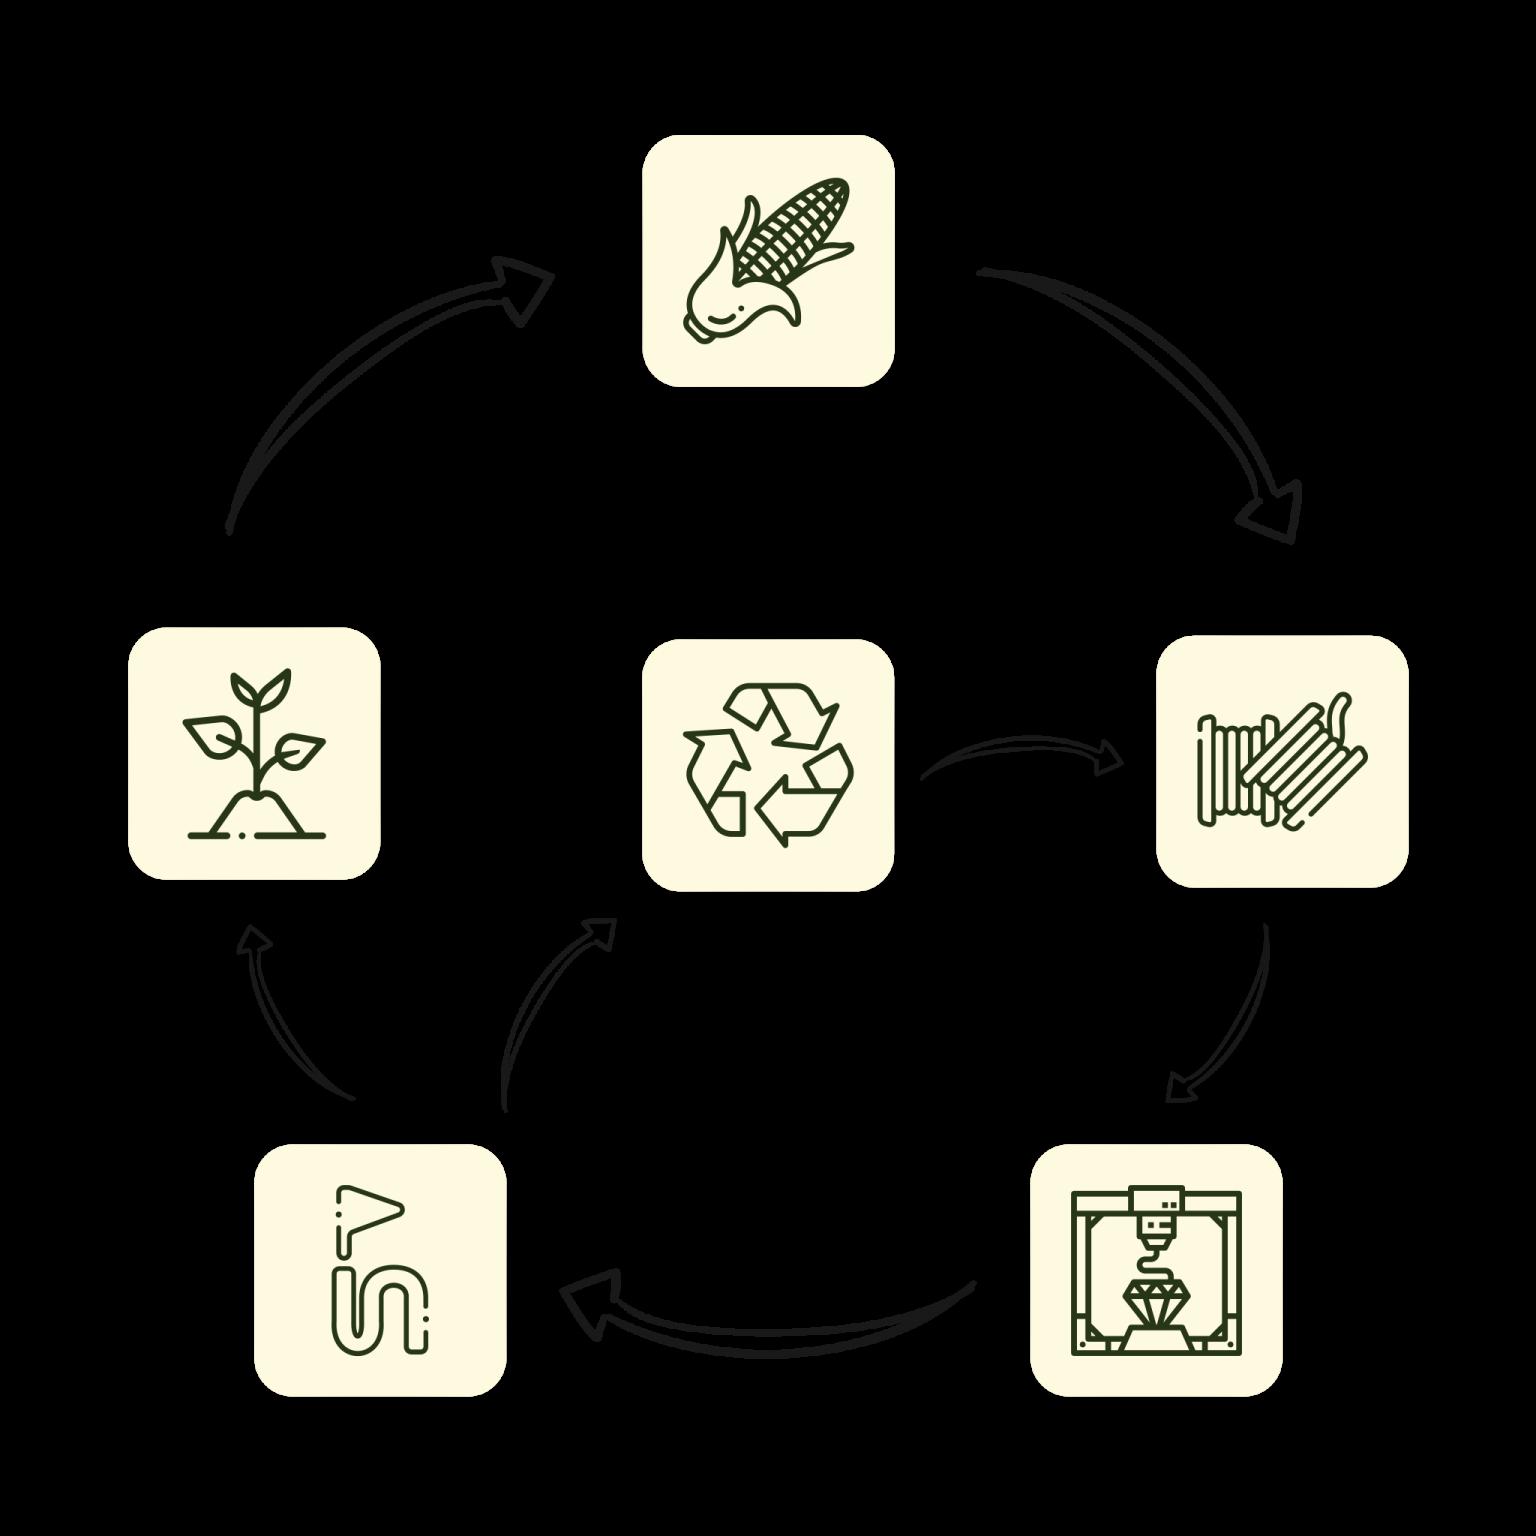 Der Kreis zeigt die einzelnen Schritte des Kennmal-Kreislaufs der Nachhaltigkeit